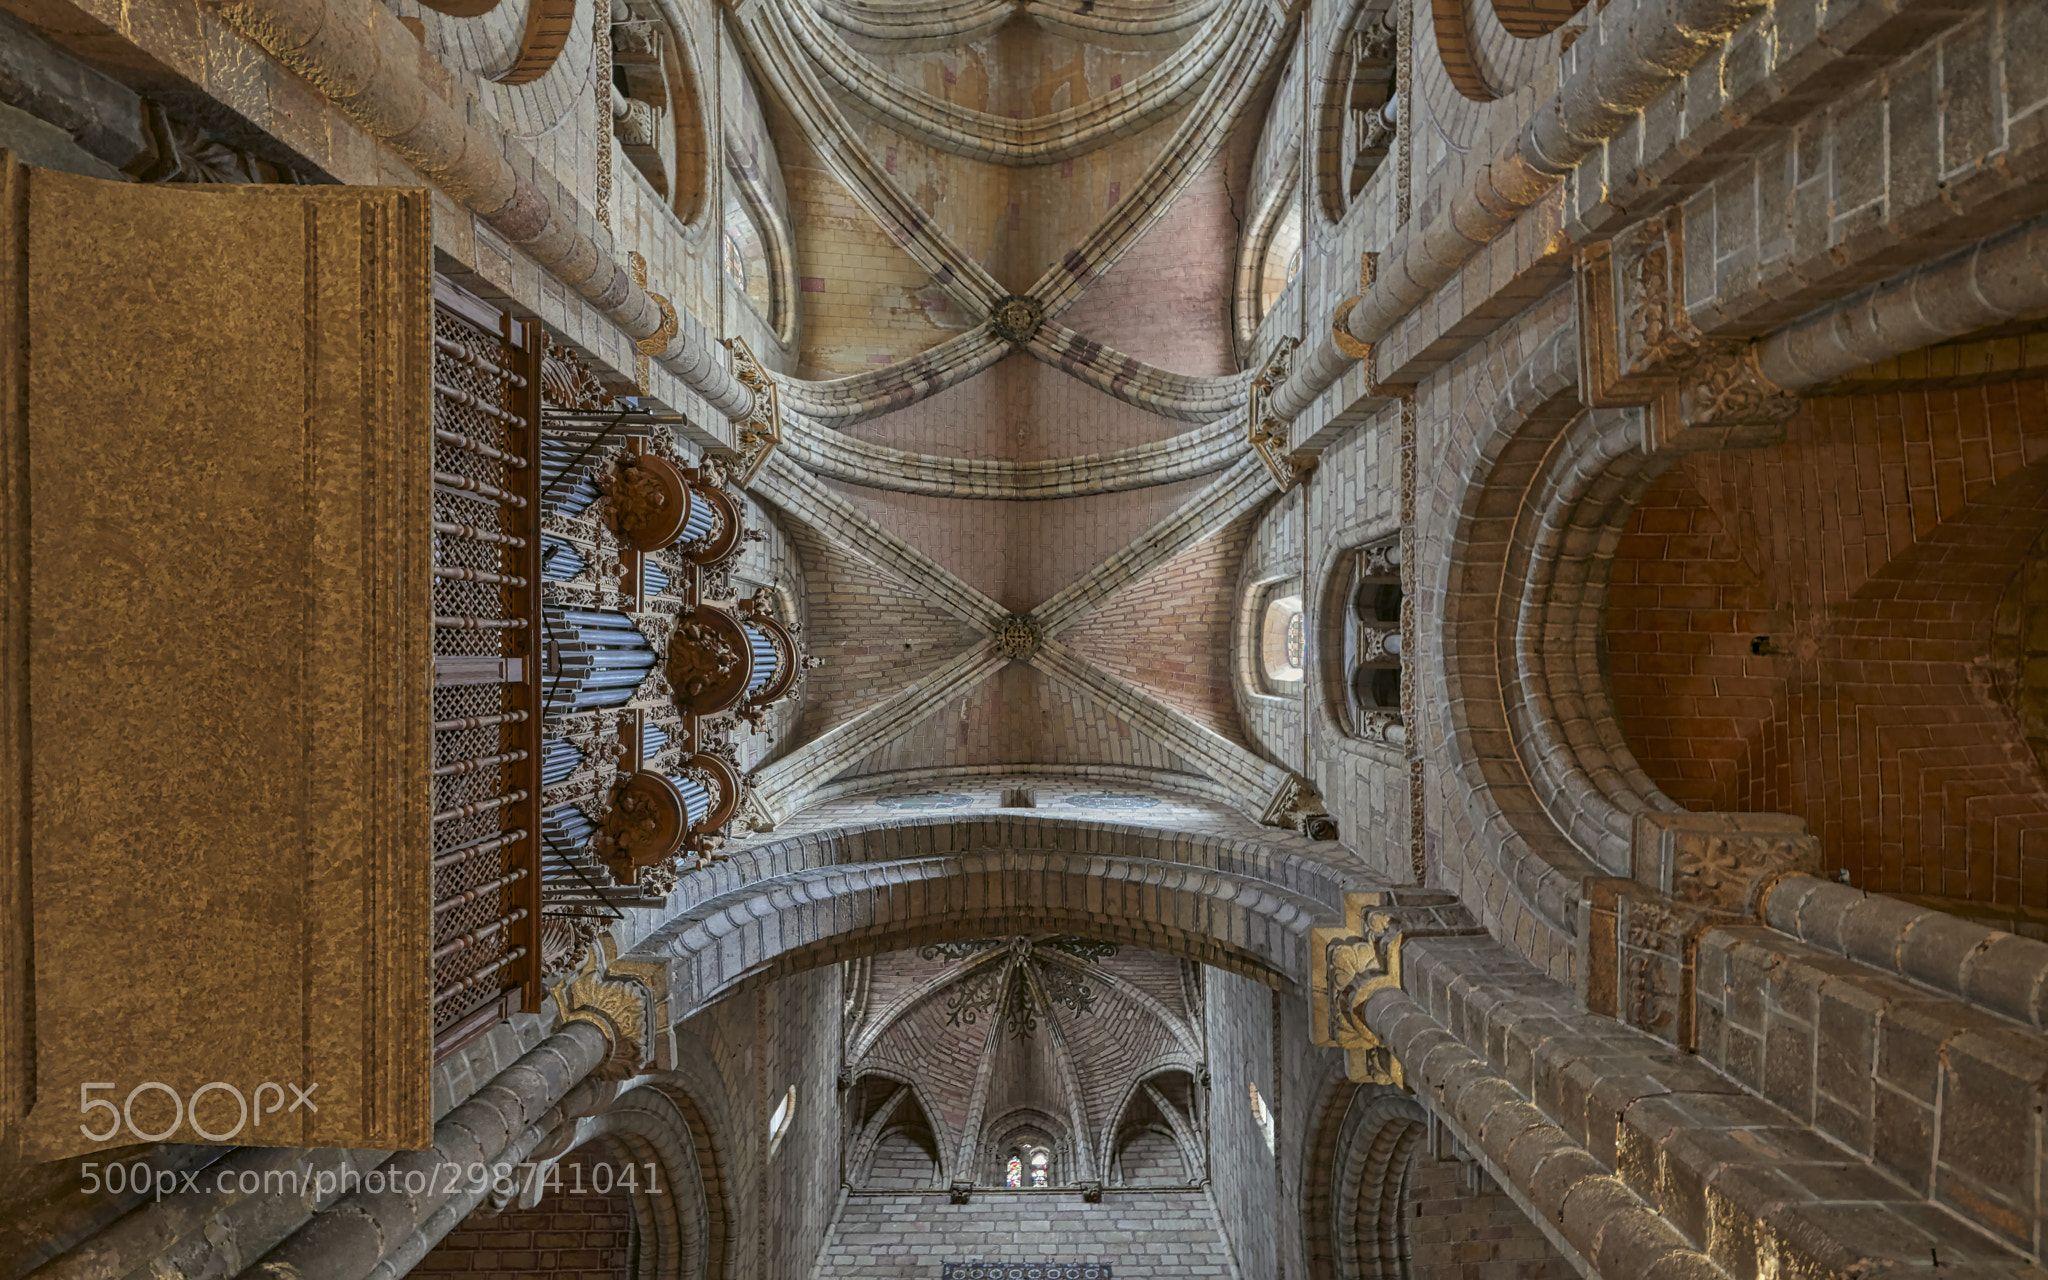 Basílica De San Vicente ávila Spainancientarchitecturebasilicabuildingburialceilingcentral Navecolonnadedecora Romanesque Architecture San Vicente Romanesque